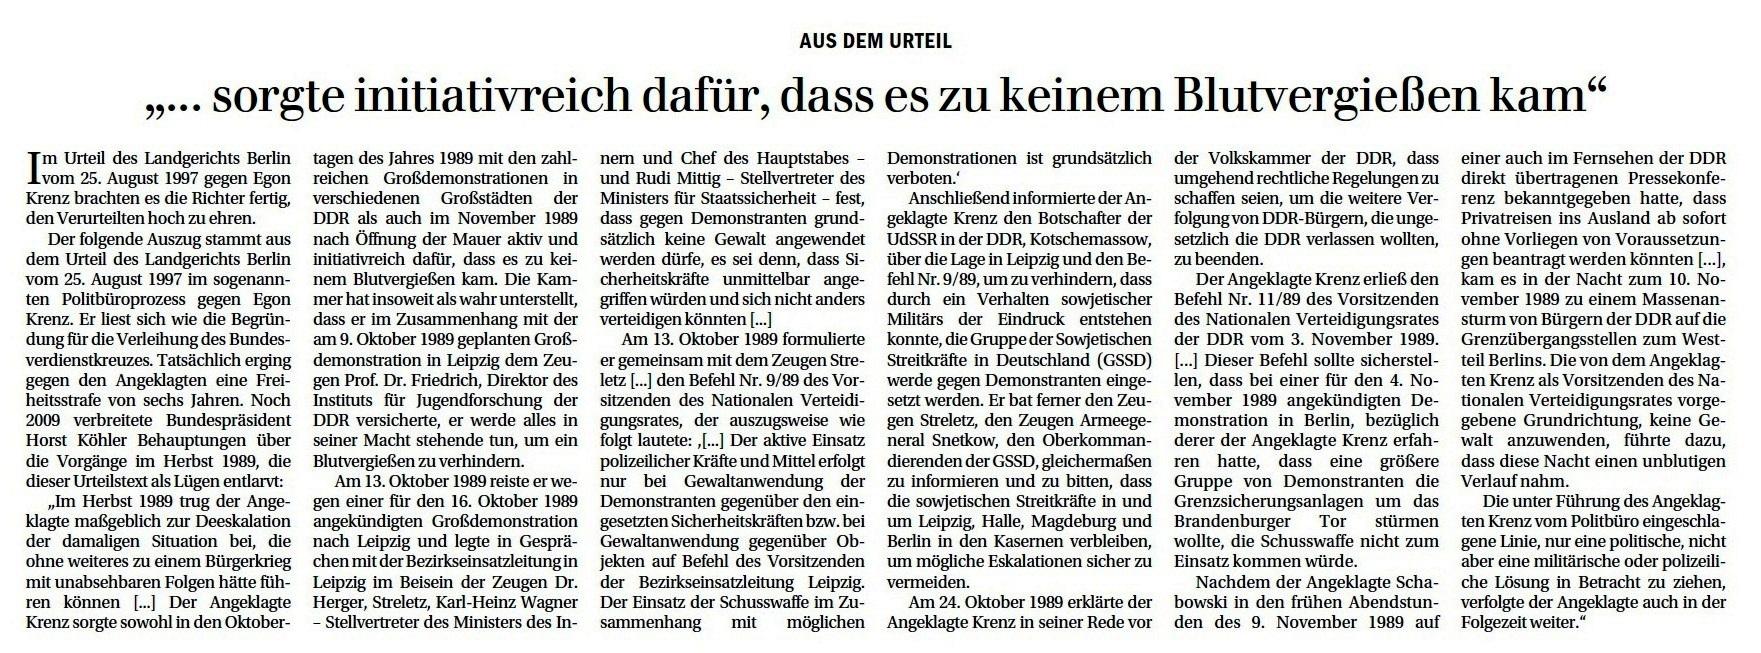 Aus dem Urteil: '...sorgte initiativreich dafür, dass es zu keinem Blutvergießen kam'  - Egon Krenz und Friedrich Wolff, zwei alte Genossen, reden über die unterschiedlichen Systeme in Ost und West und ihre Erfahrungen damit  - Berliner Zeitung vom 31.05.2021, Seite 8 - Aus dem Posteingang von Egon Krenz vom 31.05.2021